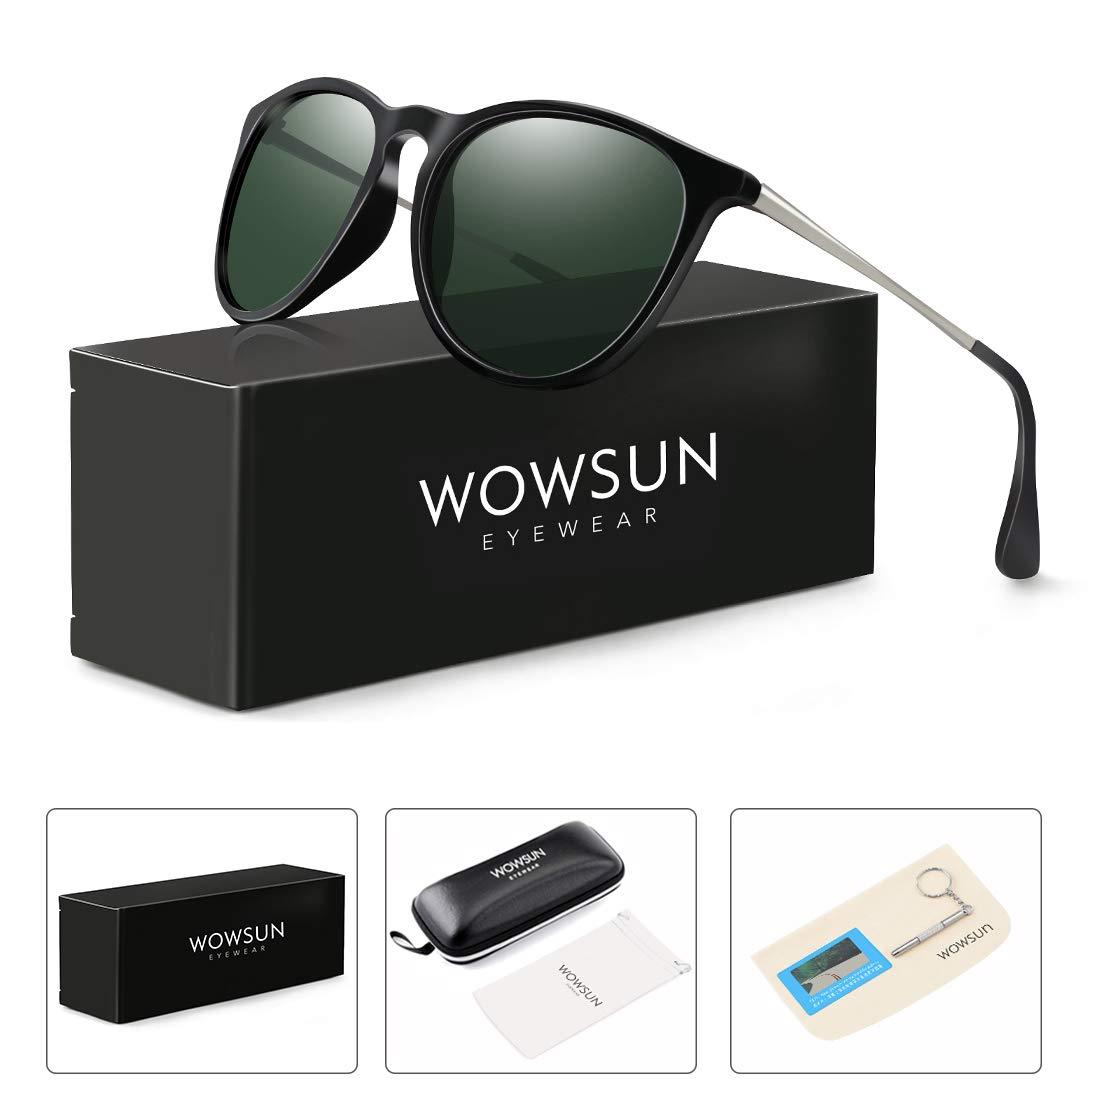 WOWSUN Polarized Sunglasses Women Vintage Retro Round Mirrored Lens Black Green